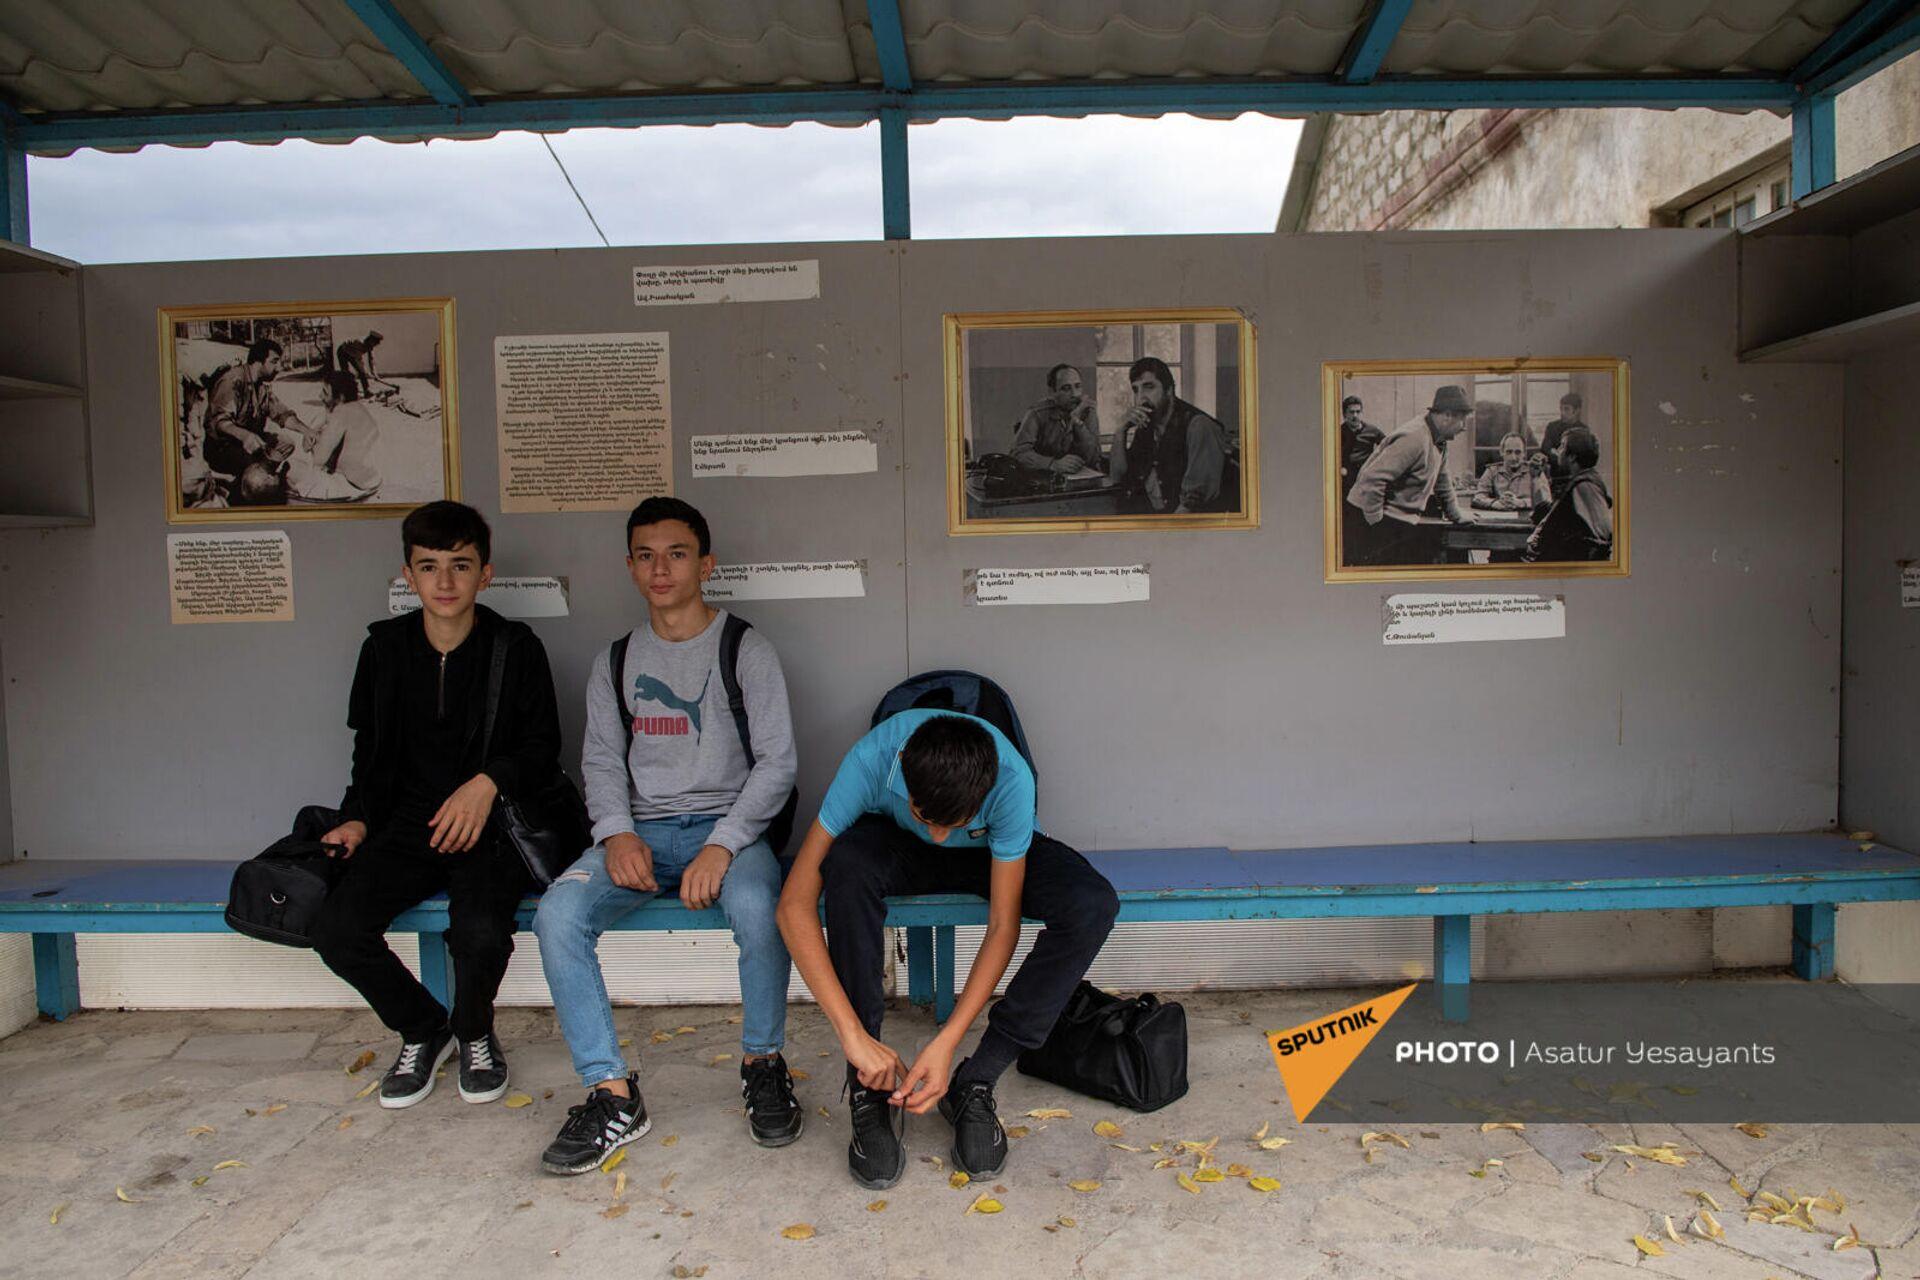 Автобусная остановка в селе Хаштарак с фотографиями из фильма Мы и наши горы - Sputnik Արմենիա, 1920, 24.09.2021